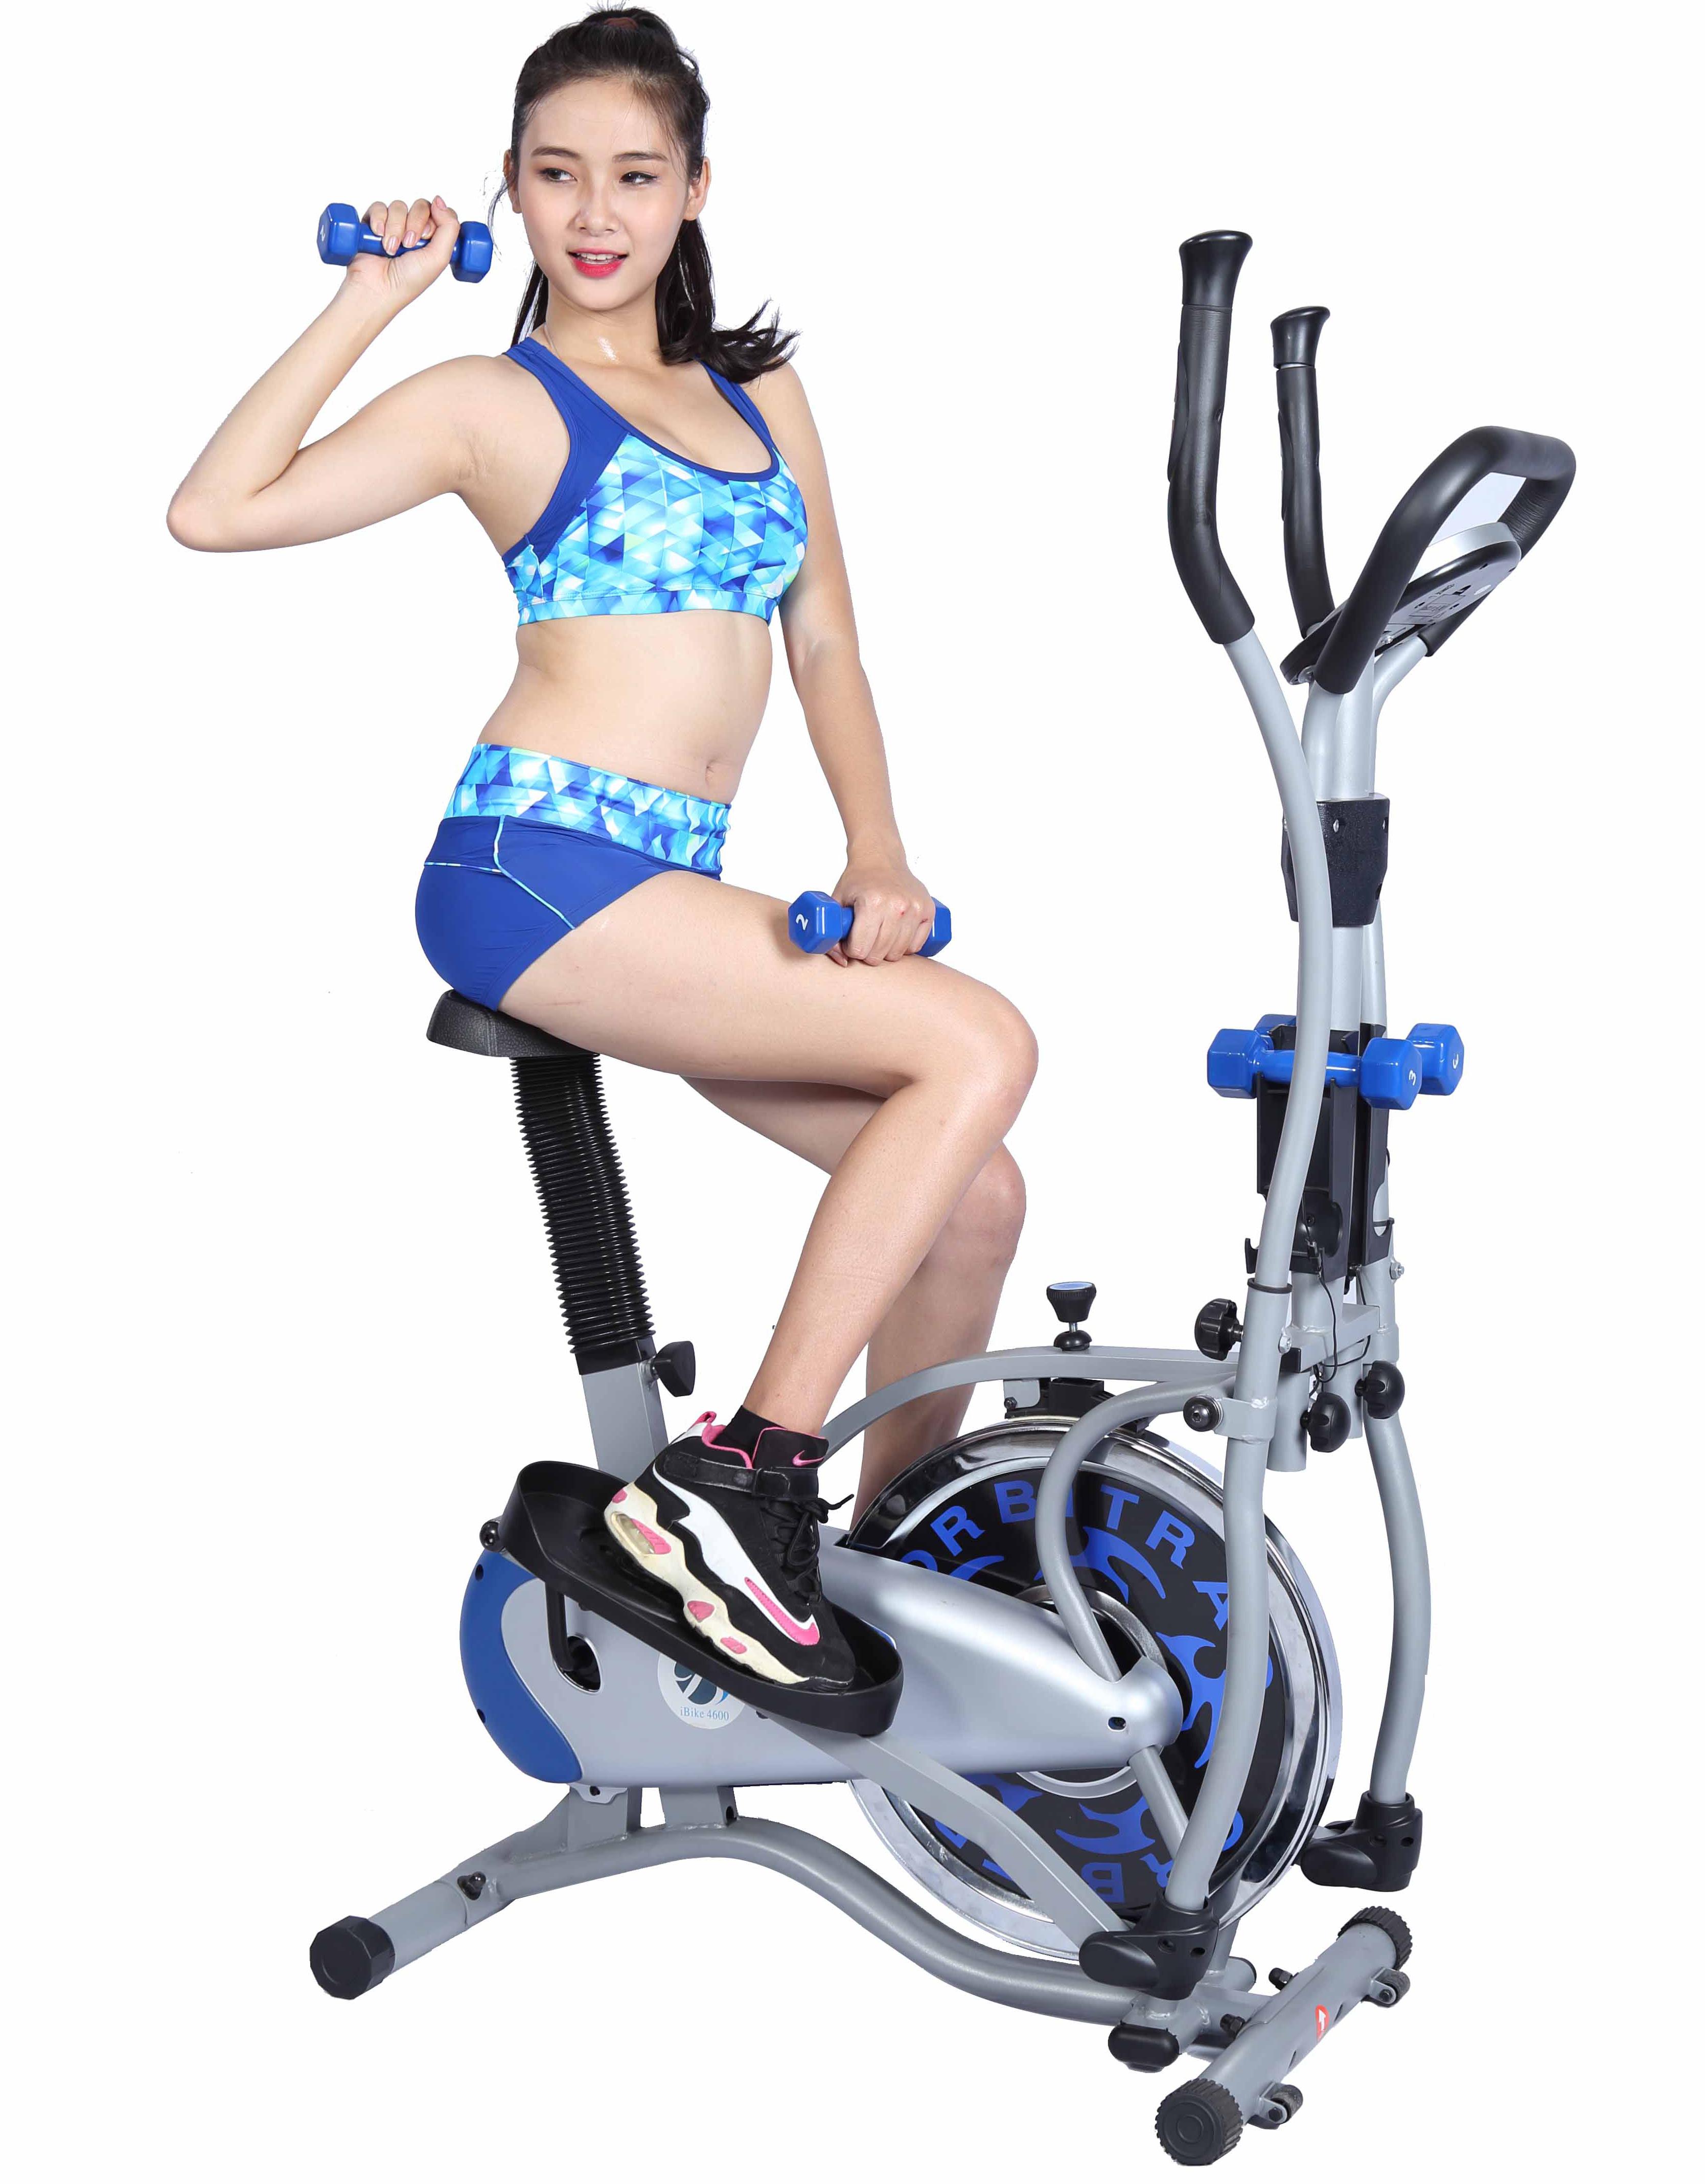 chon mua may tap xe dap the duc 2017 2 - Tìm hiểu nên mua máy tập xe đạp thể dục nào tốt nhất hiện nay 2017